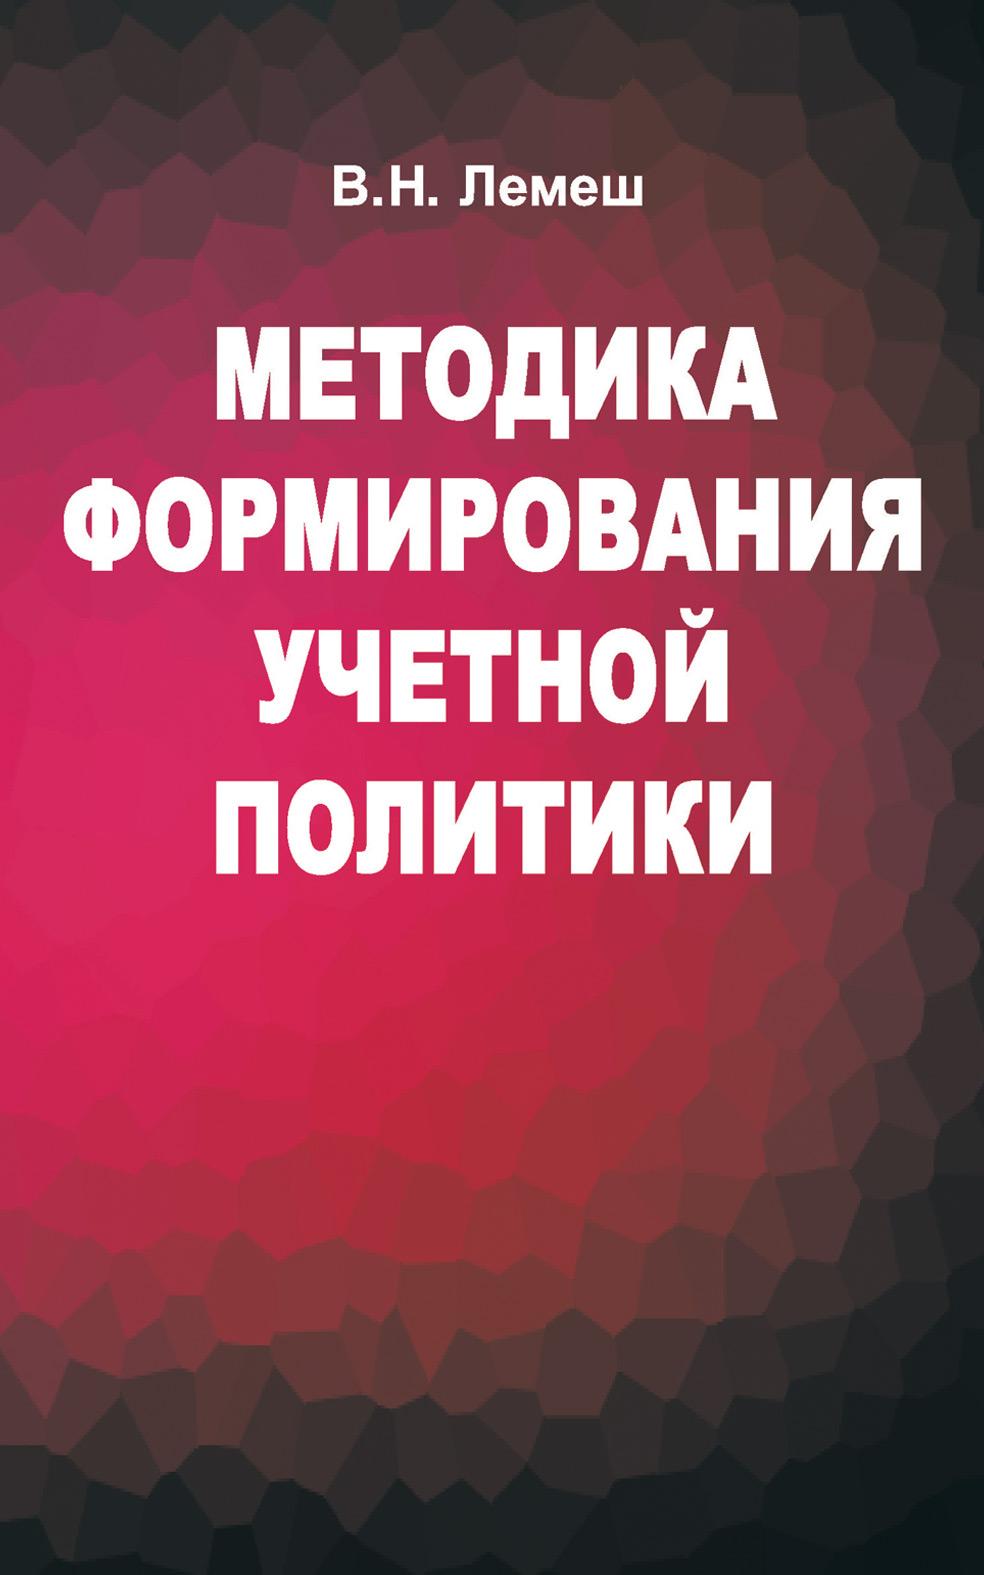 В. Н. Лемеш Методика формирования учетной политики мизиковский и е управленческий учет и защита учетной информации тесты учебное пособие